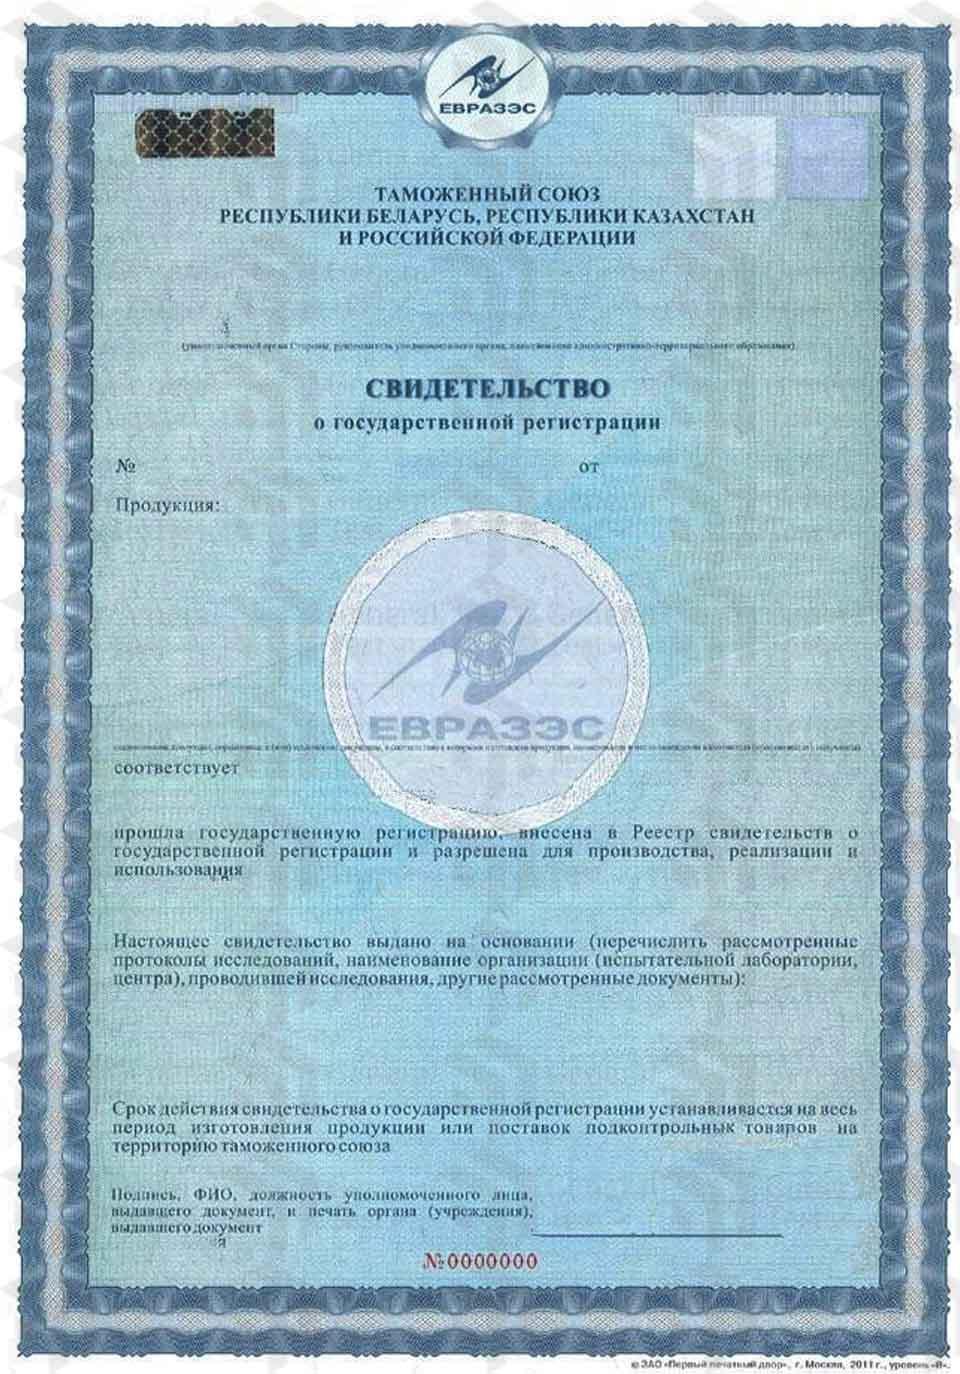 СГР экспорт в РФ из ДНР